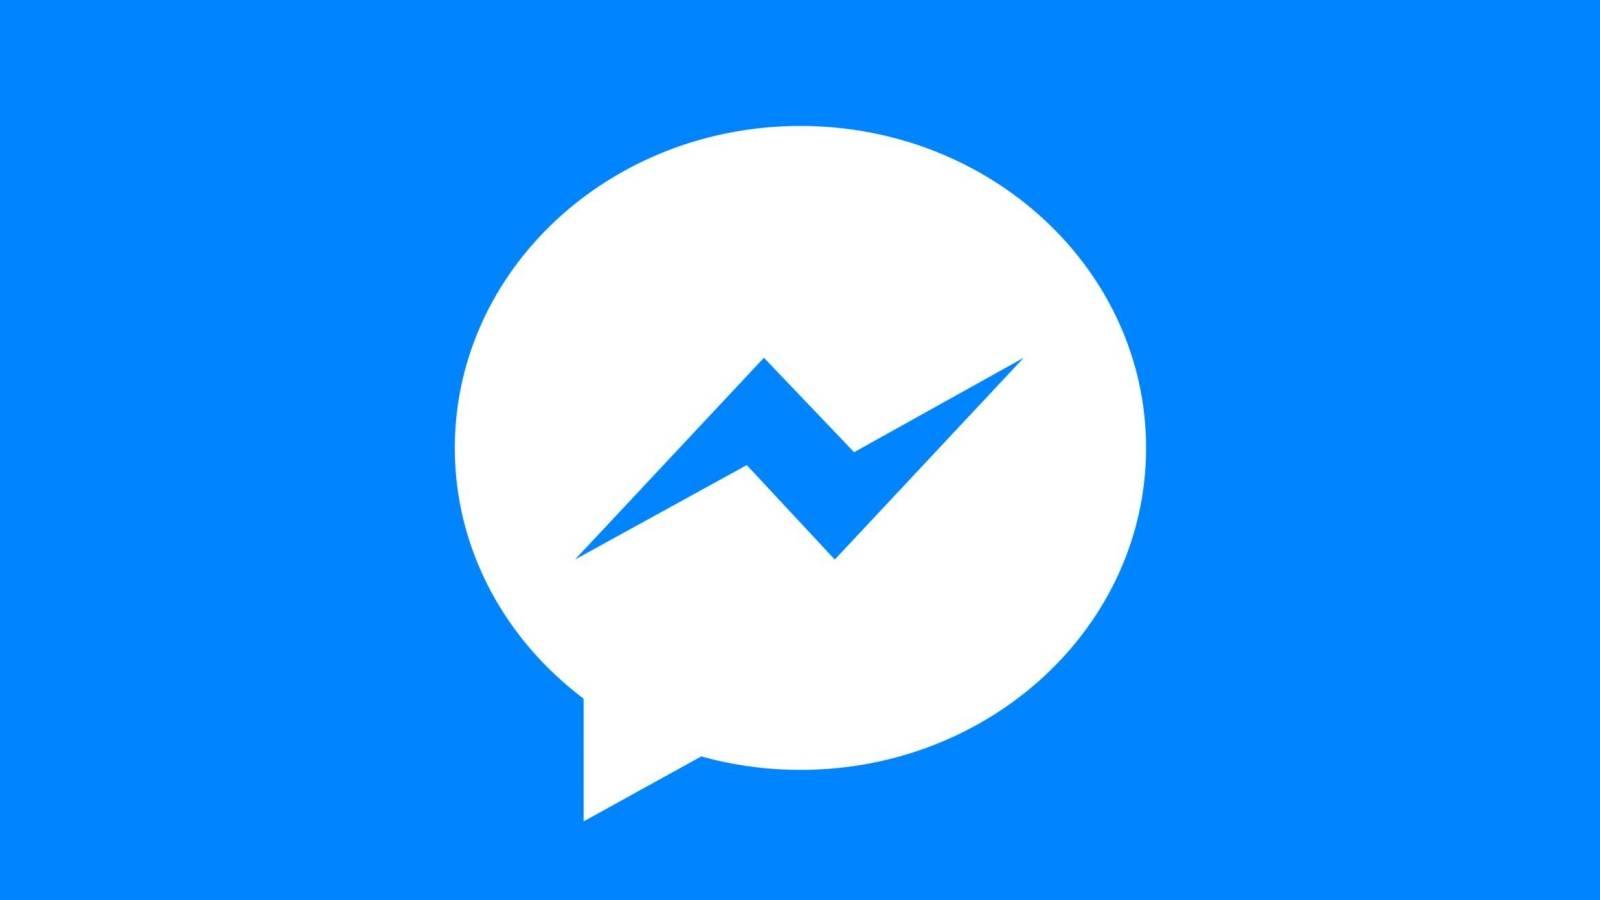 Facebook Messenger ecran